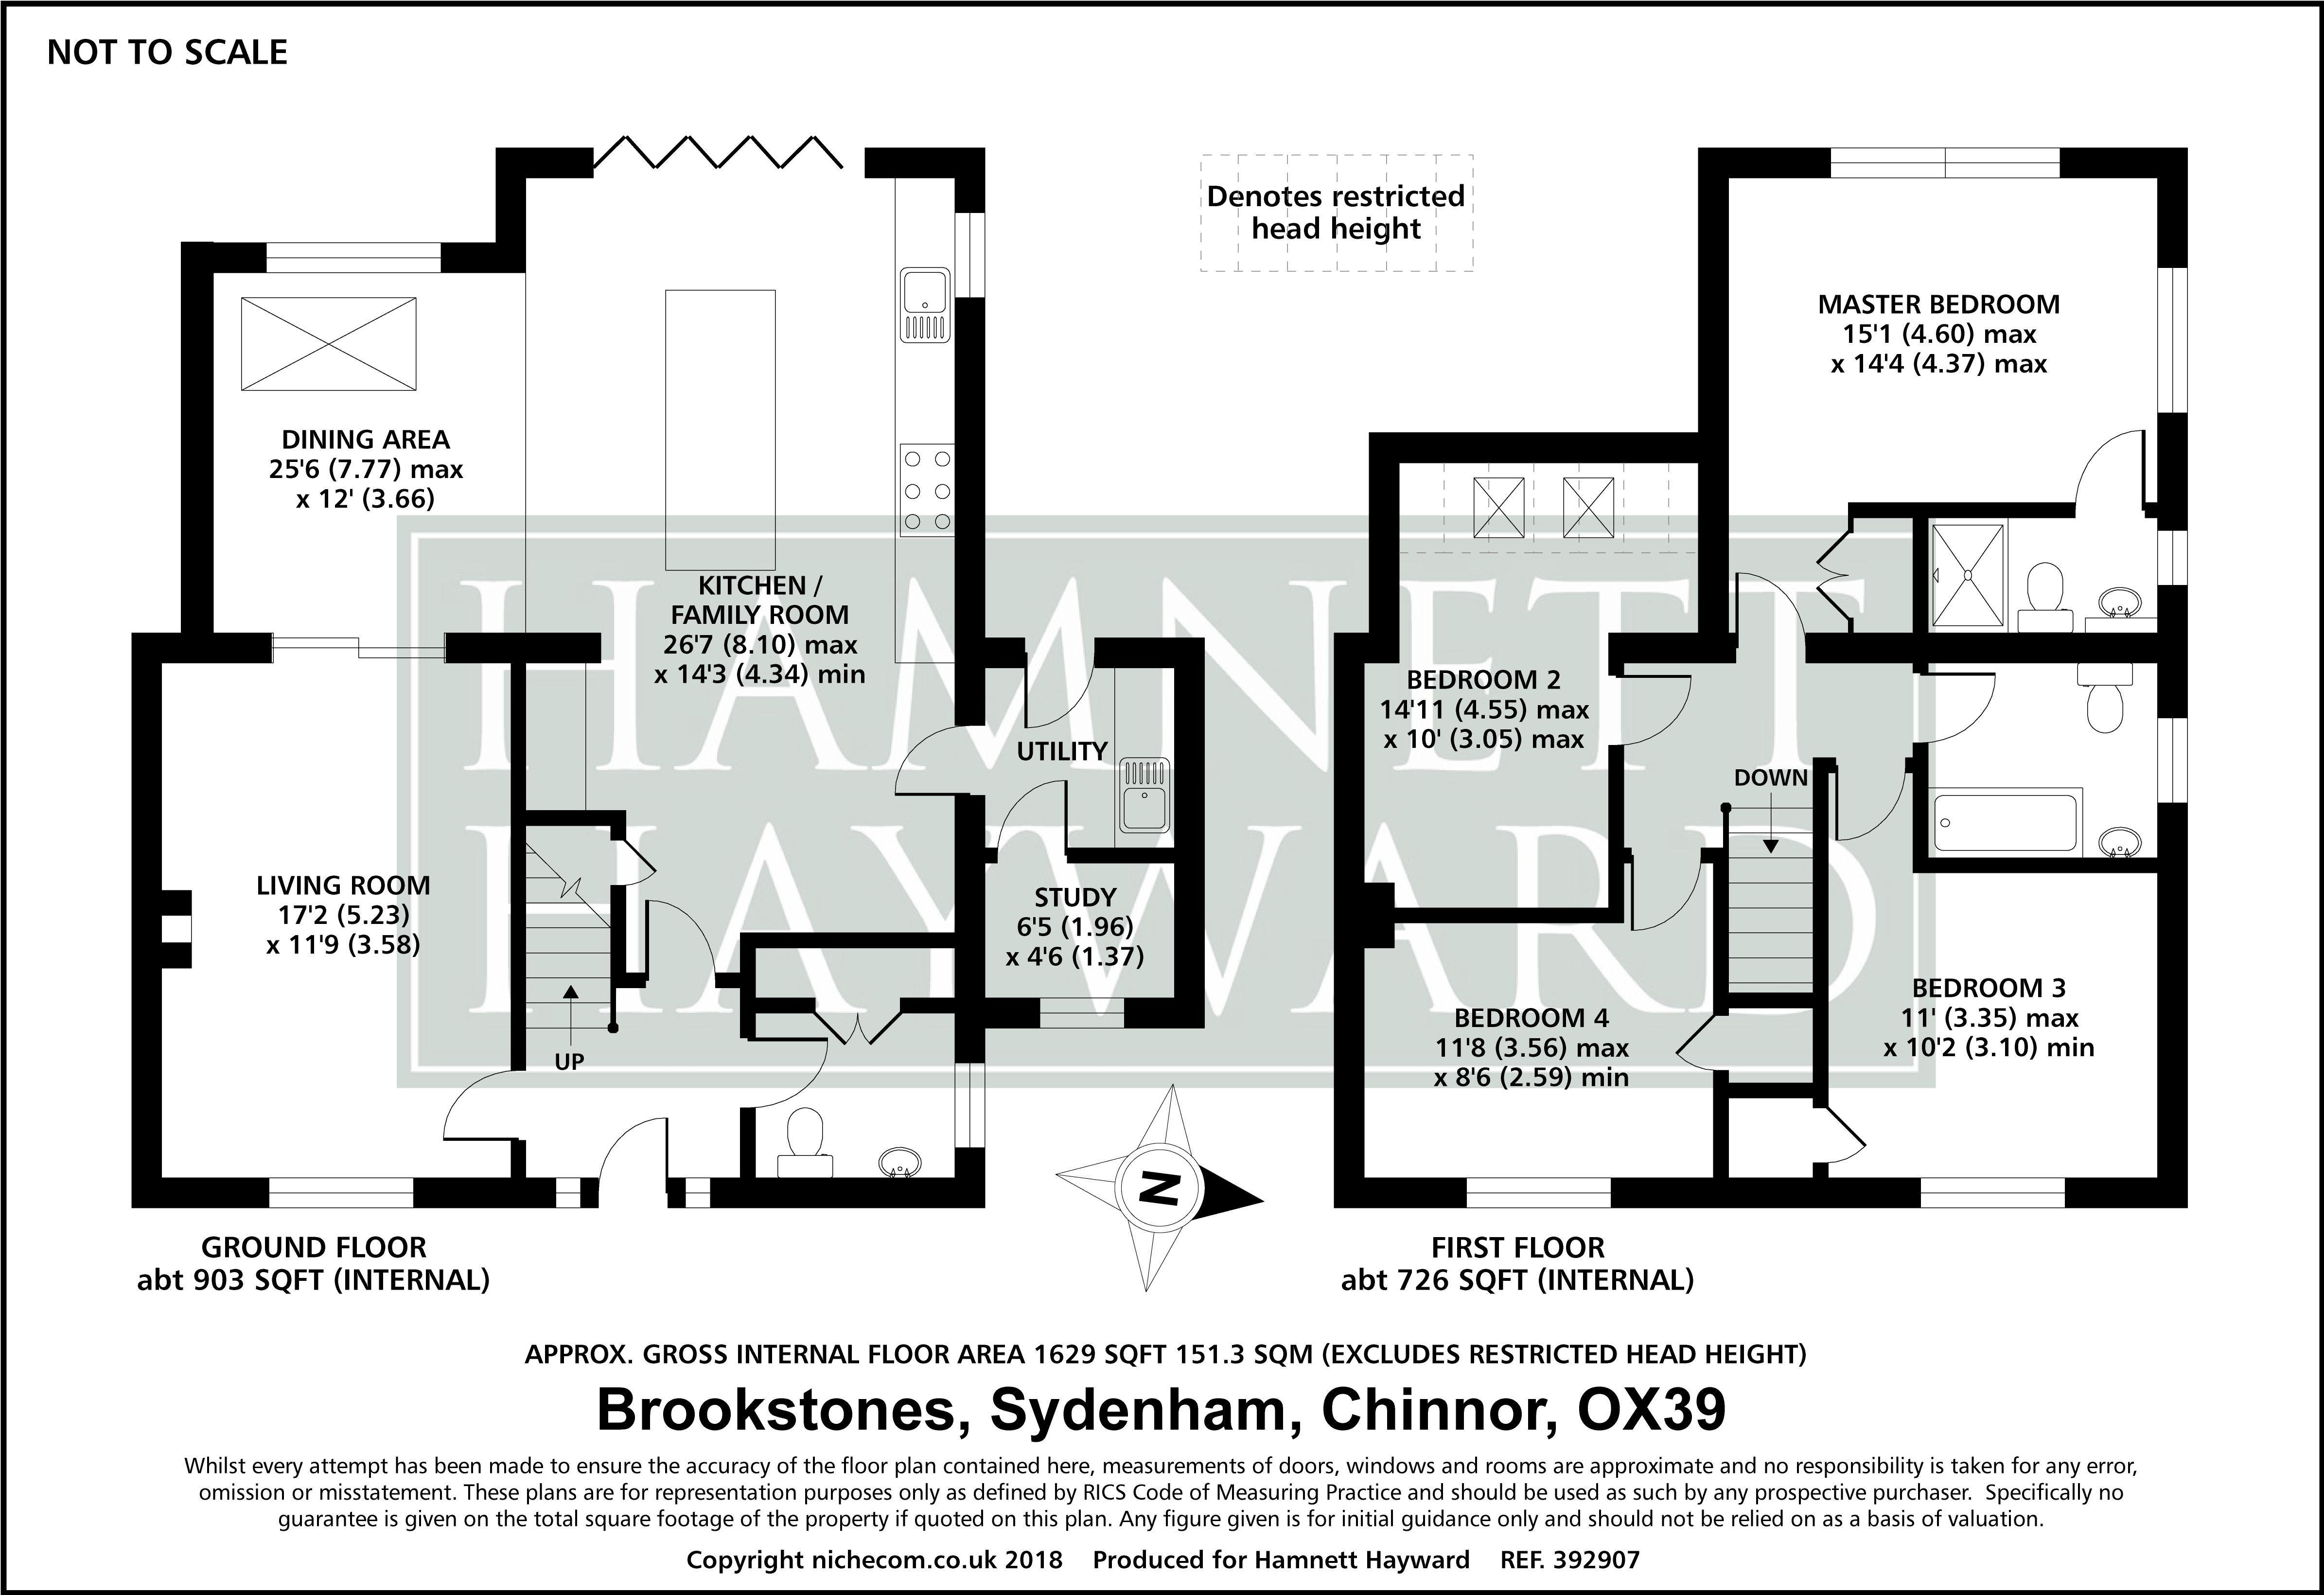 Brookstones Sydenham